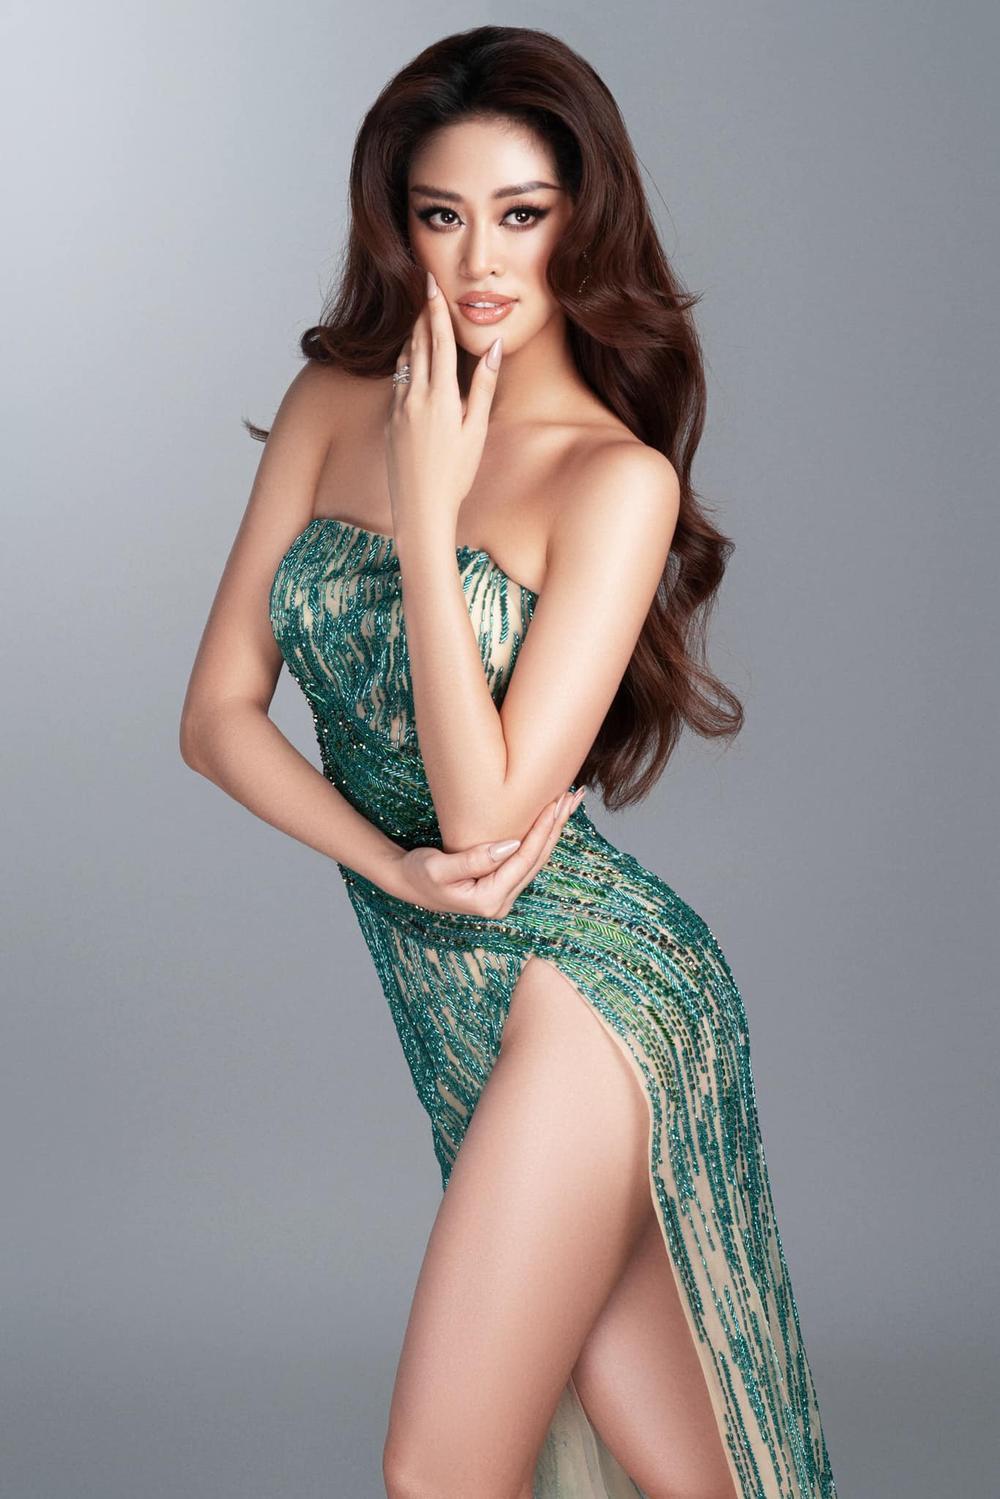 Fan khó hiểu khi Global Beauties tiếp tục đánh rớt Khánh Vân khỏi Top 11 Super tại Miss Universe 2020 Ảnh 8